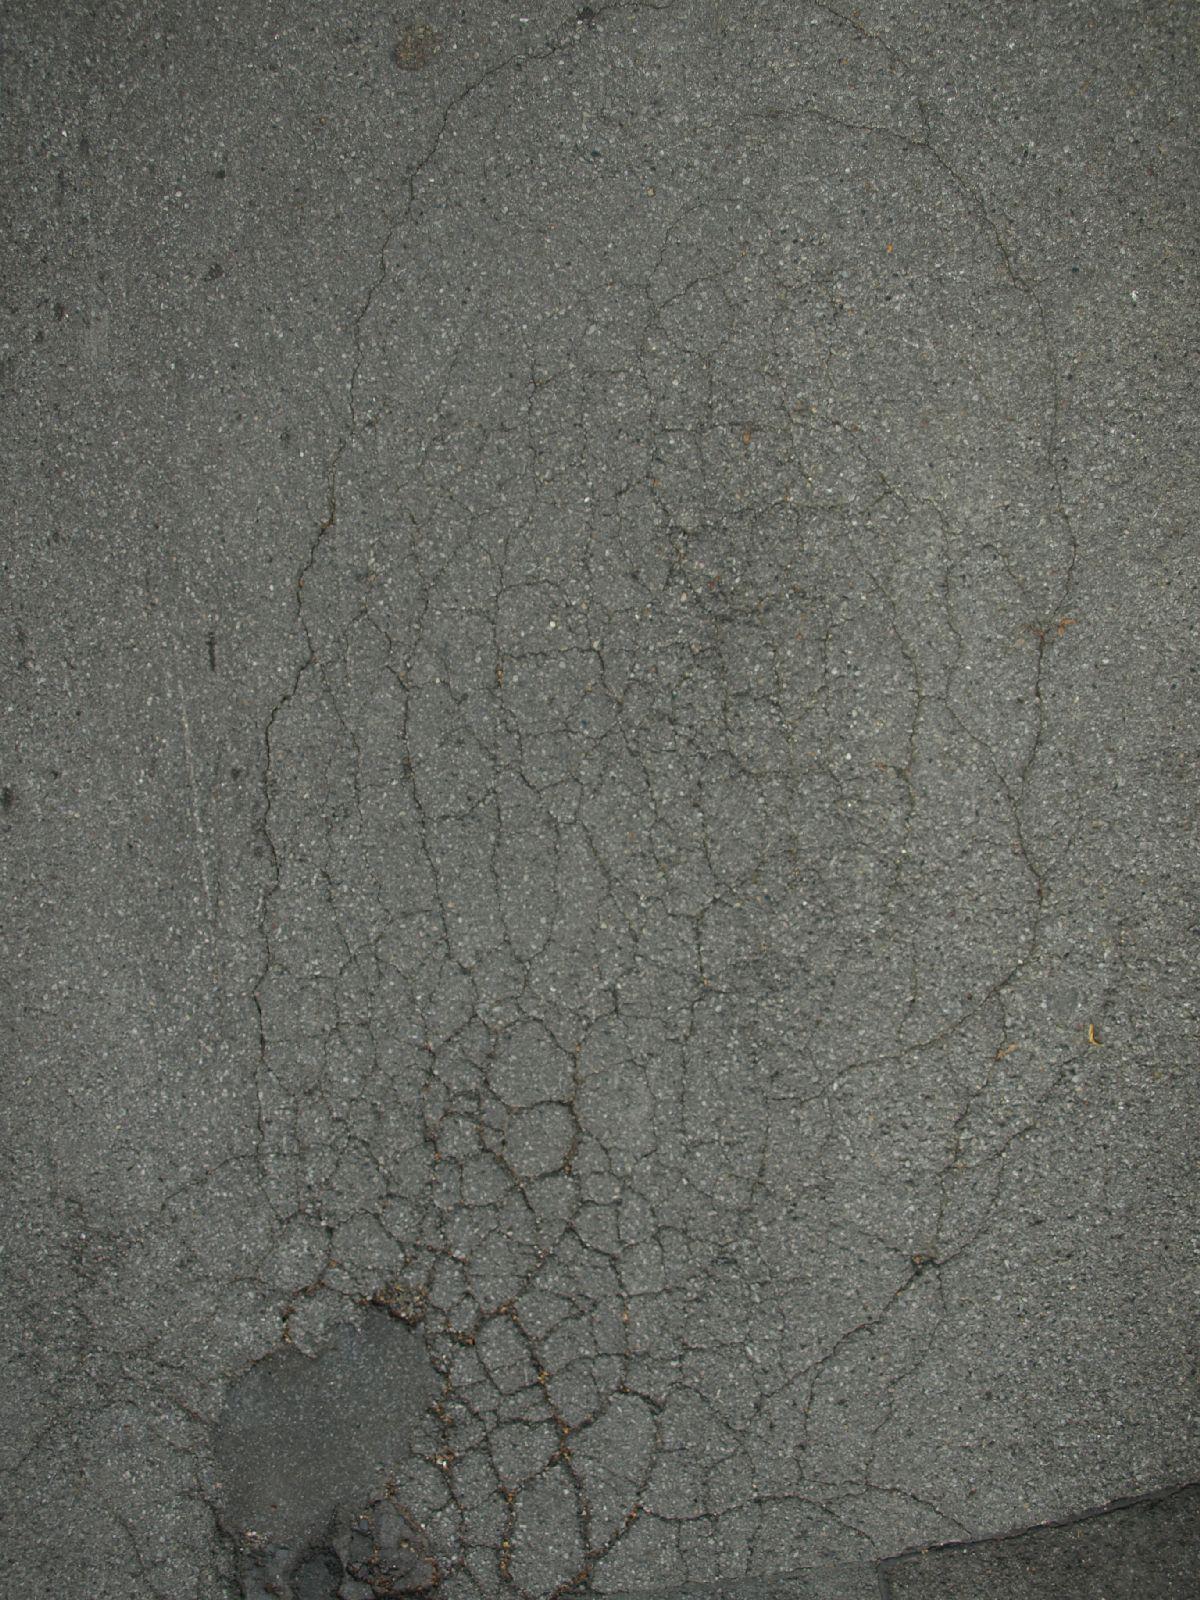 Ground-Urban_Texture_A_P8164413